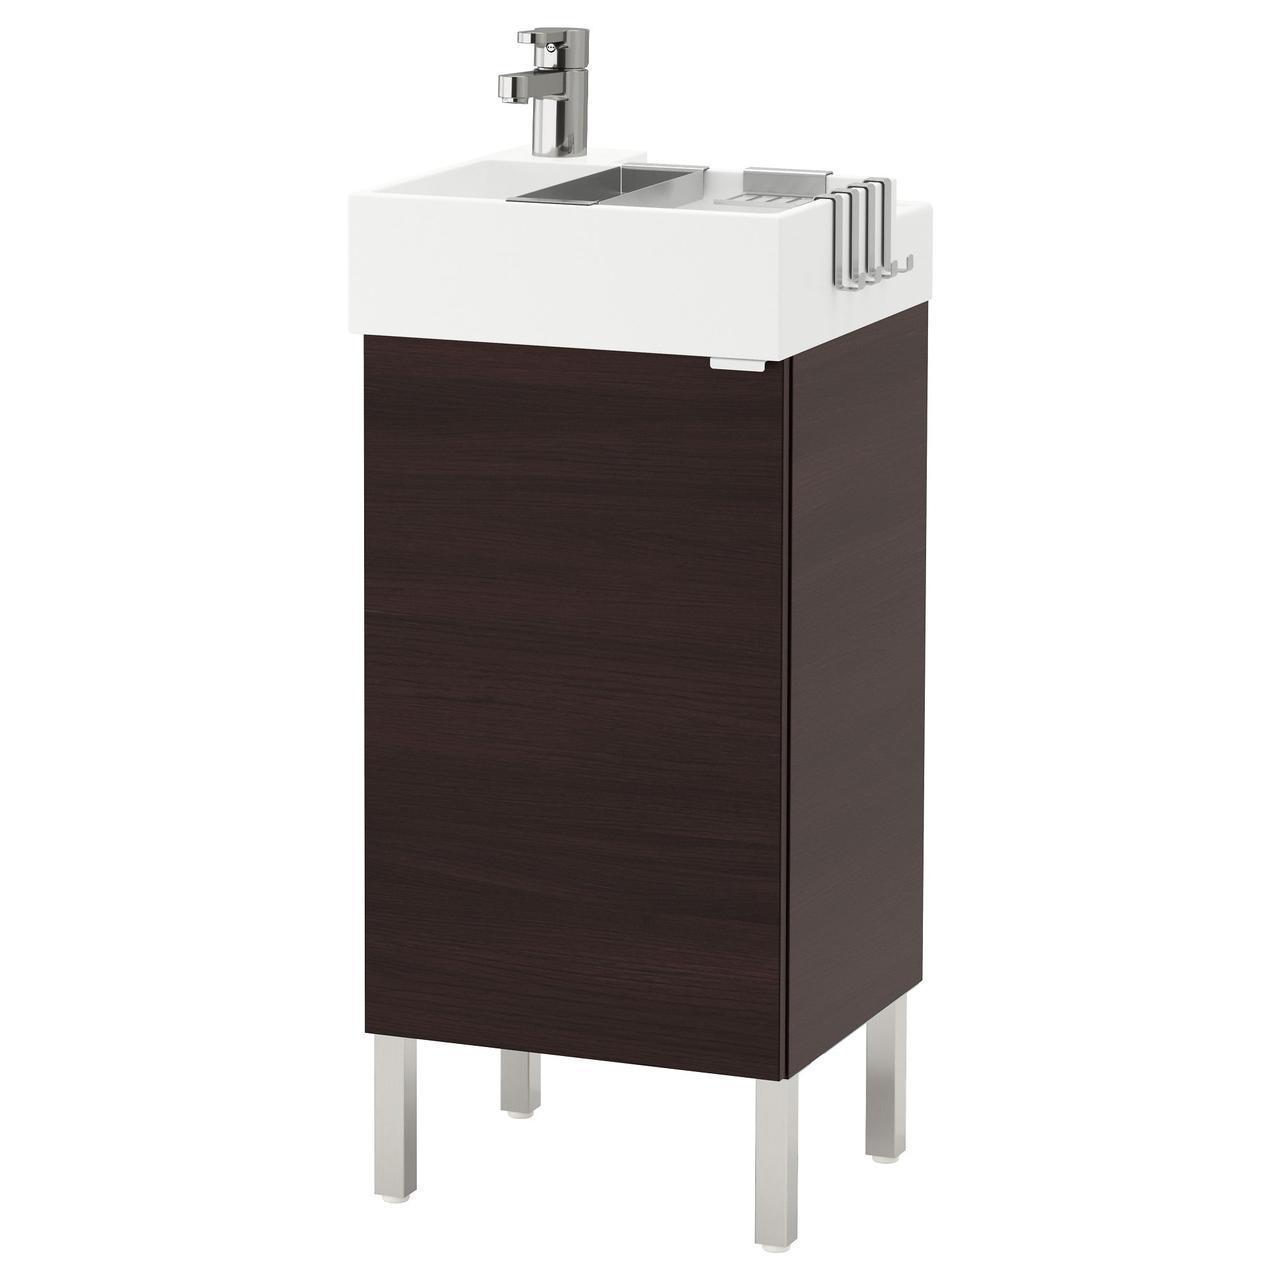 IKEA LILLANGEN Шкаф под умывальник с раковиной, черно-коричневый  (592.063.63)